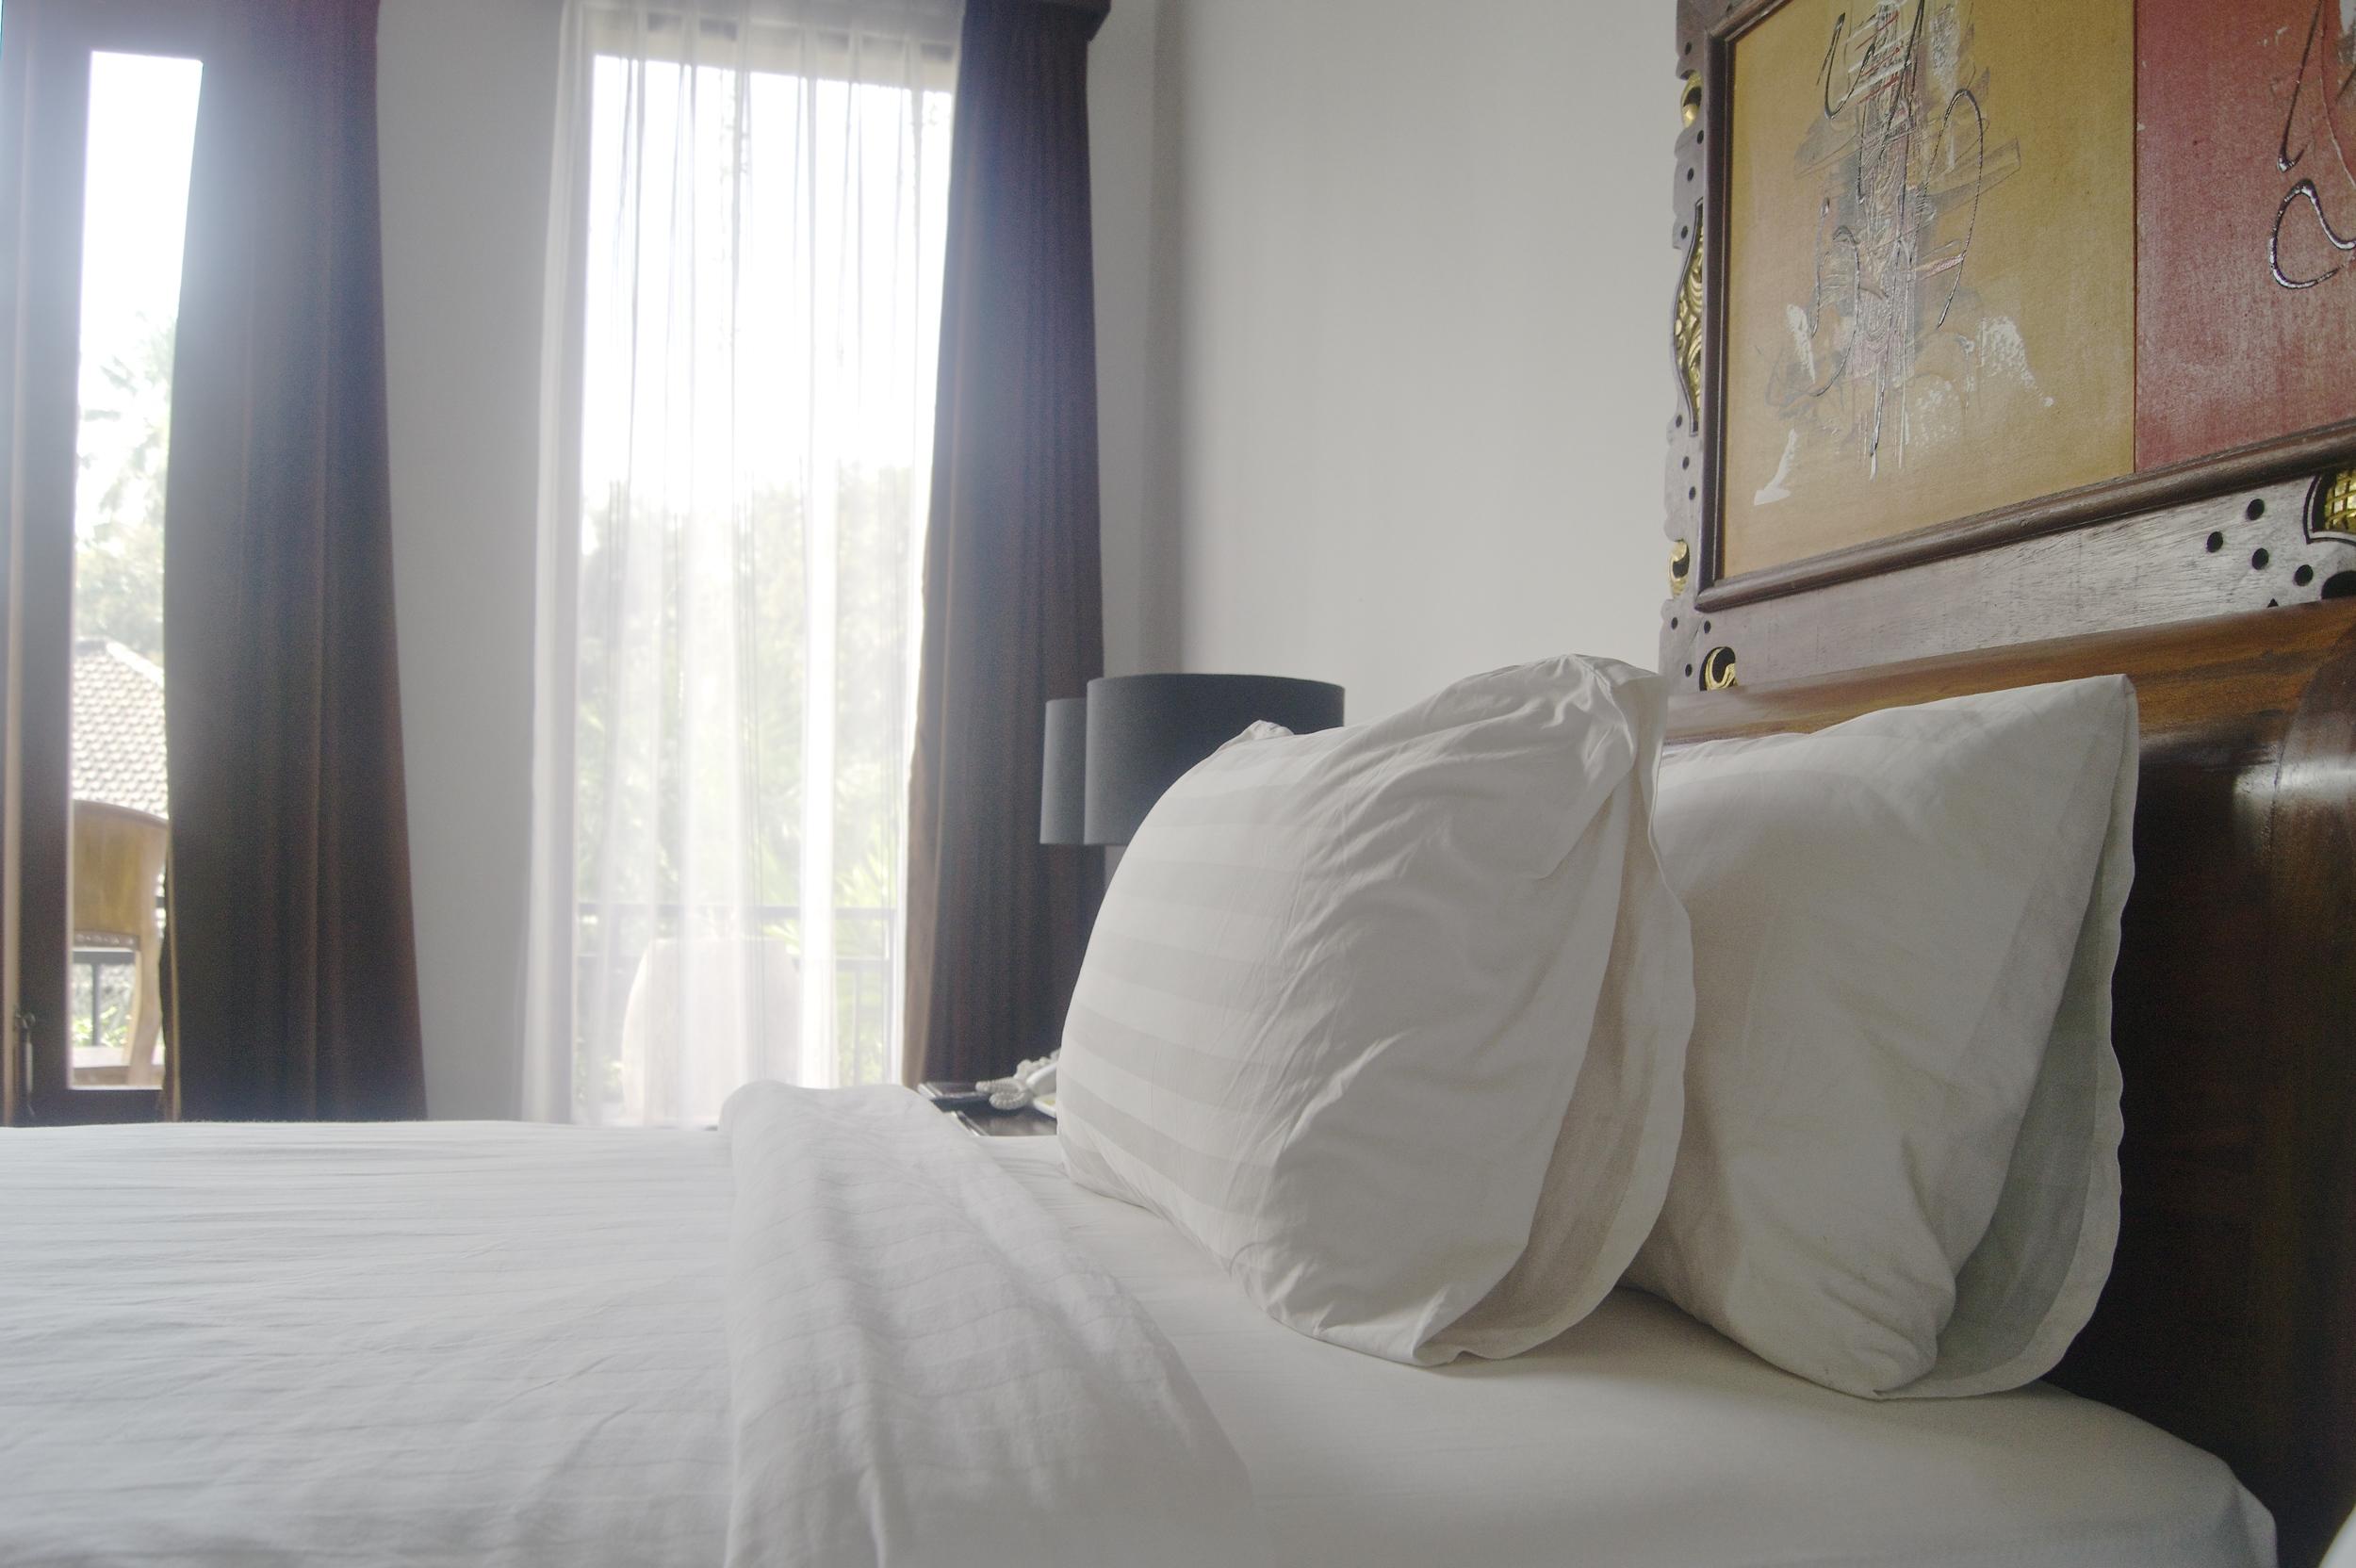 乌布拉亚酒店-禅宗客房-巴厘岛乌布-评论-illumelation.combeplay3体育官方下载